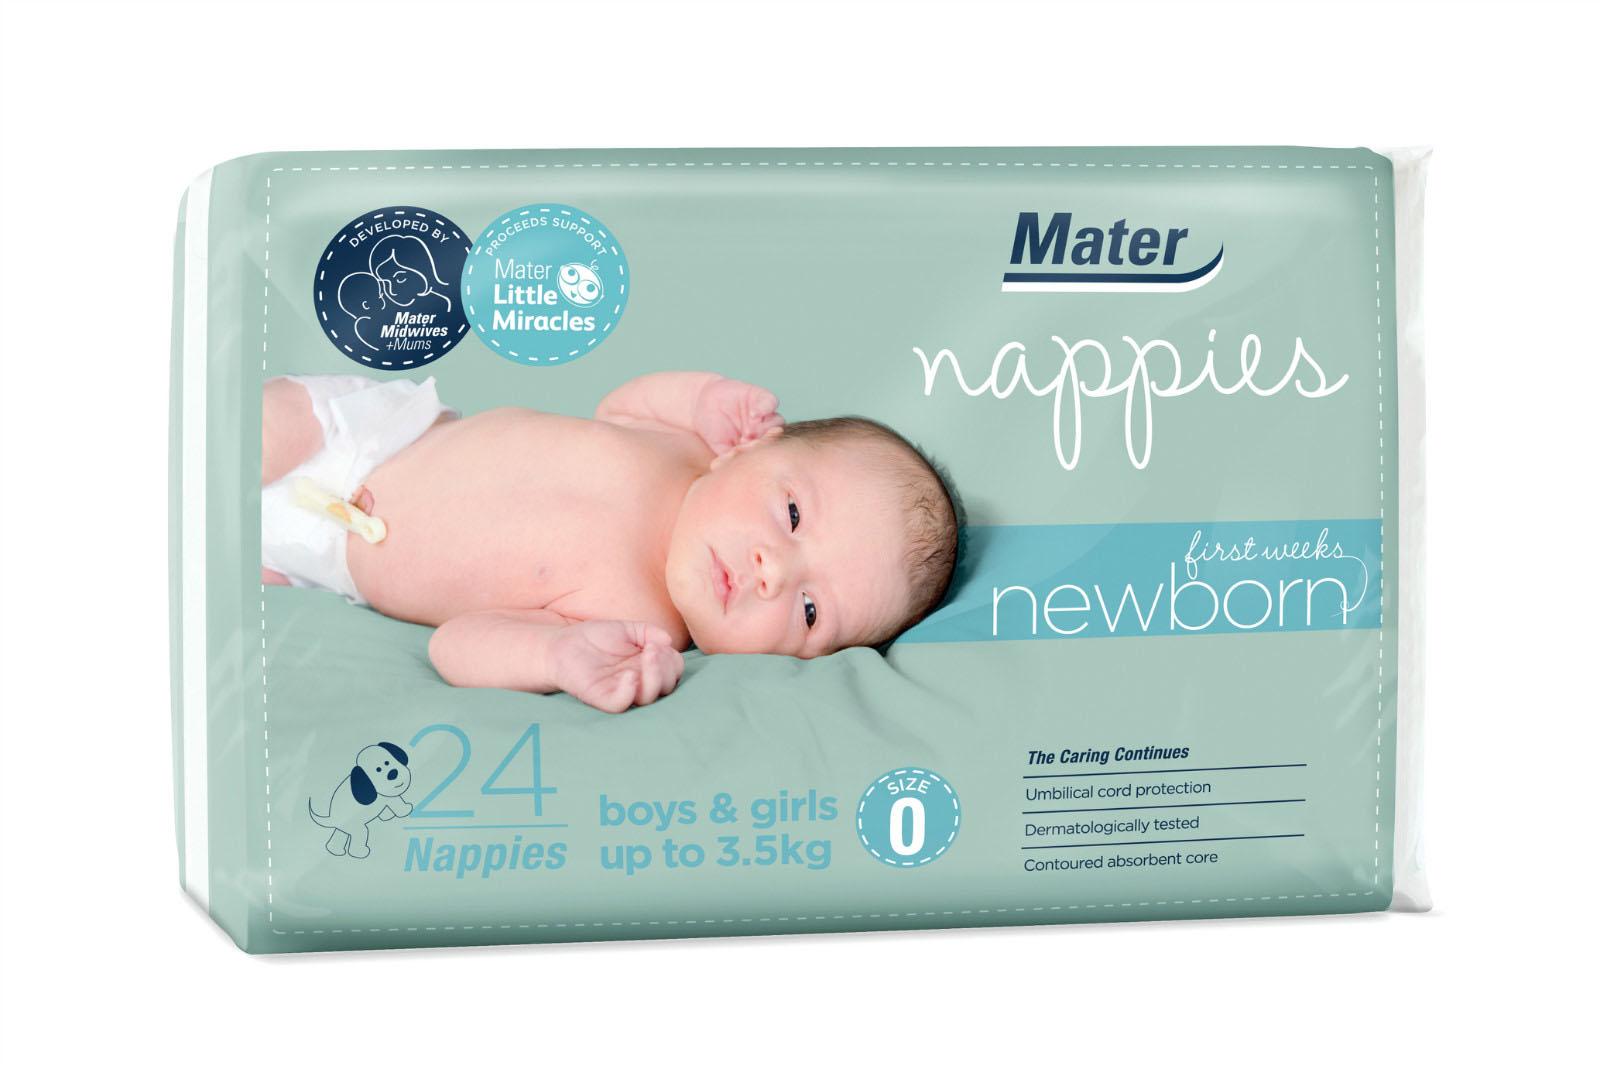 大小为零#适用于新生婴儿的Mater Nappy